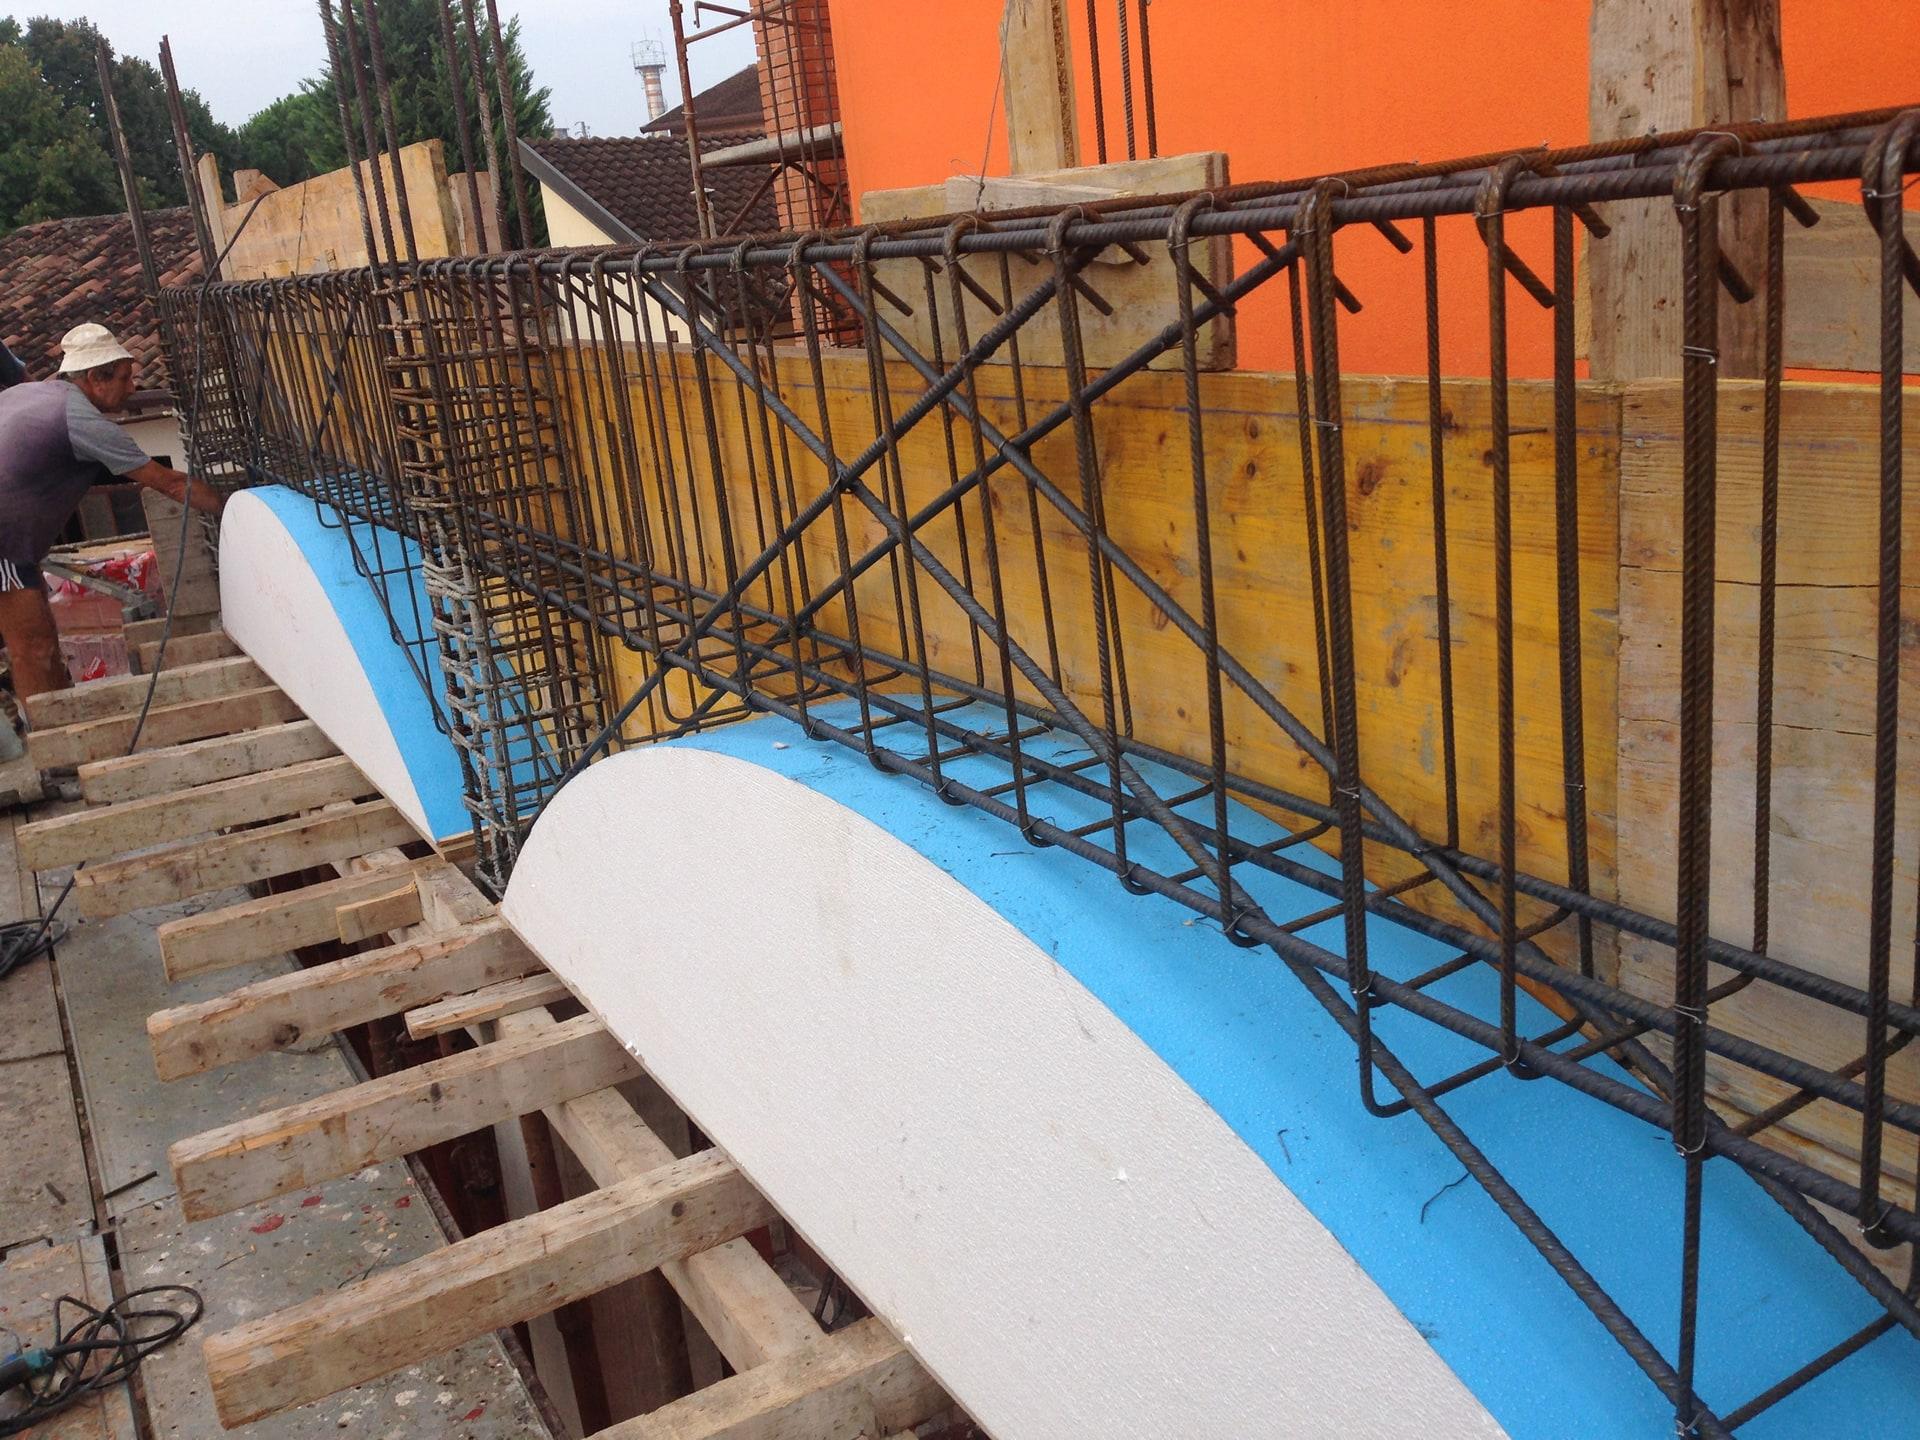 ampliamento-ristrutturazione-fabbricato-residenziale_7